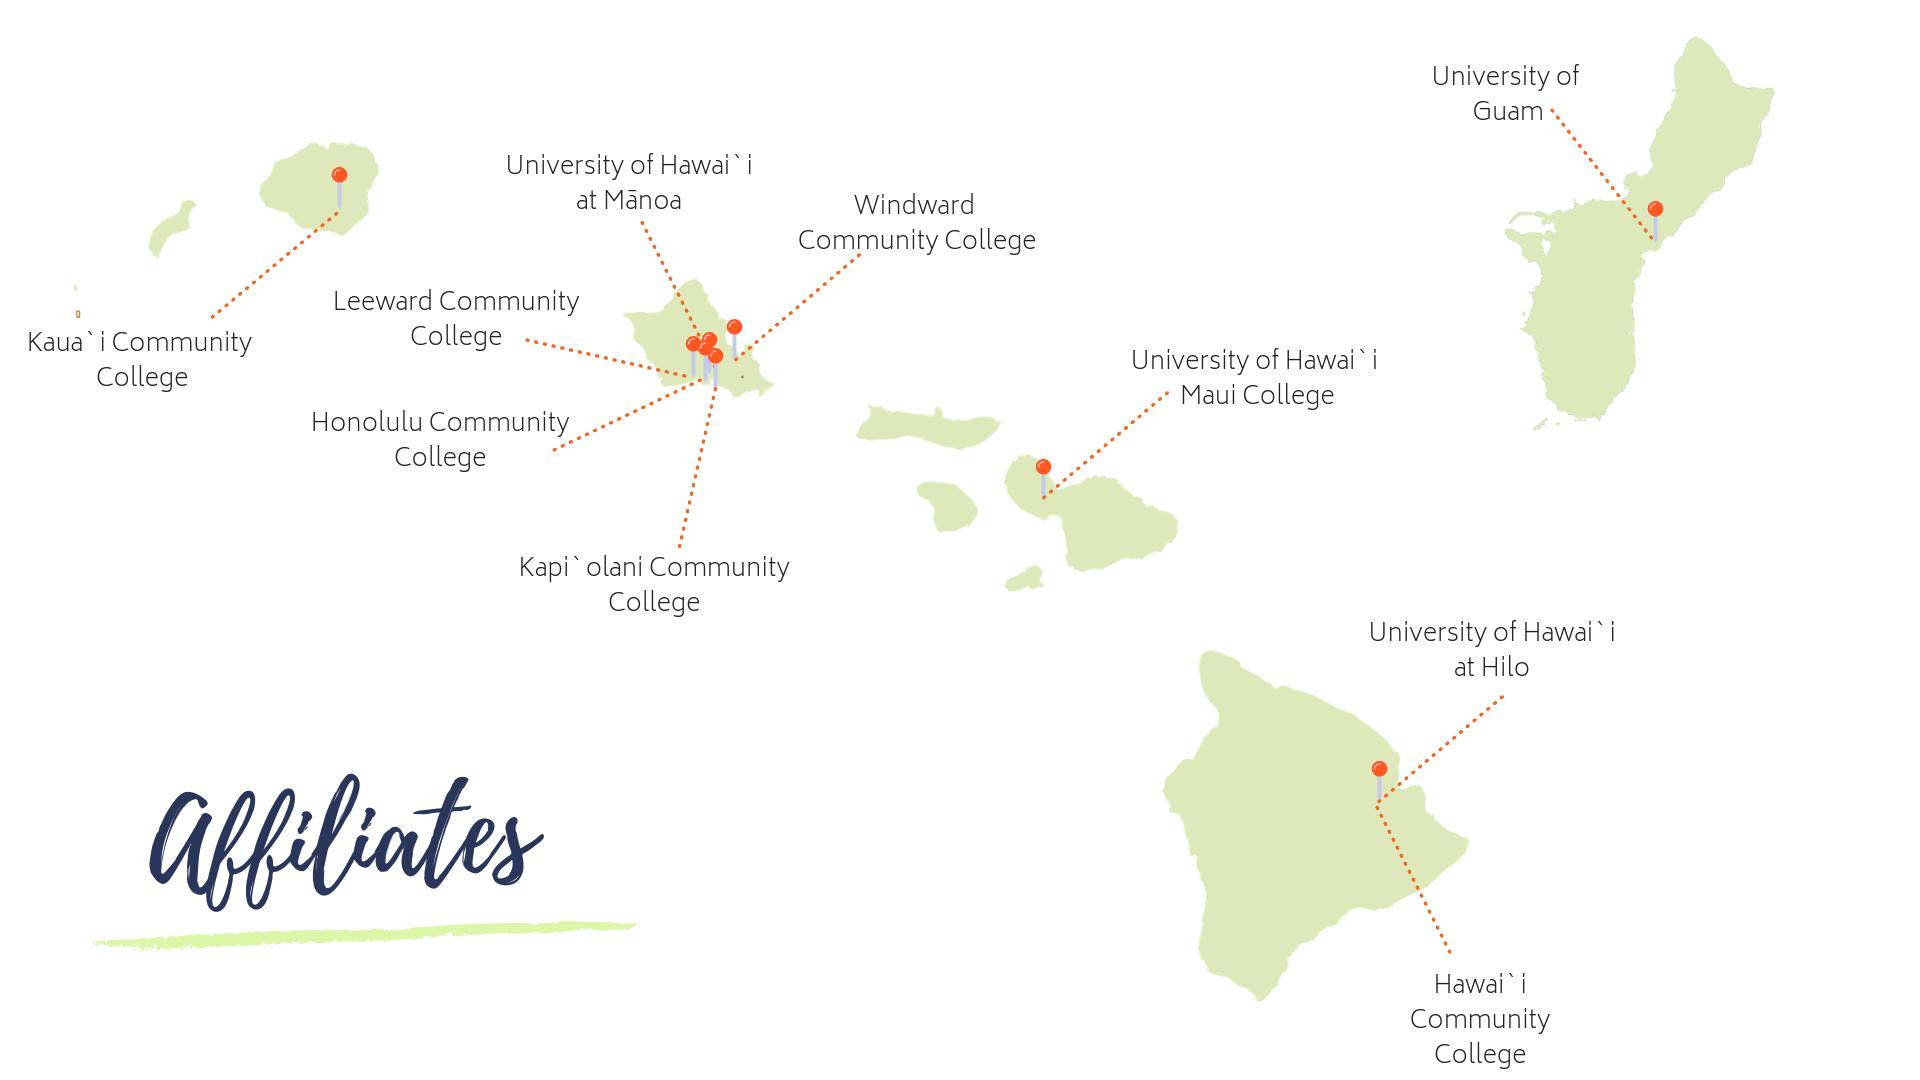 Affiliates Map